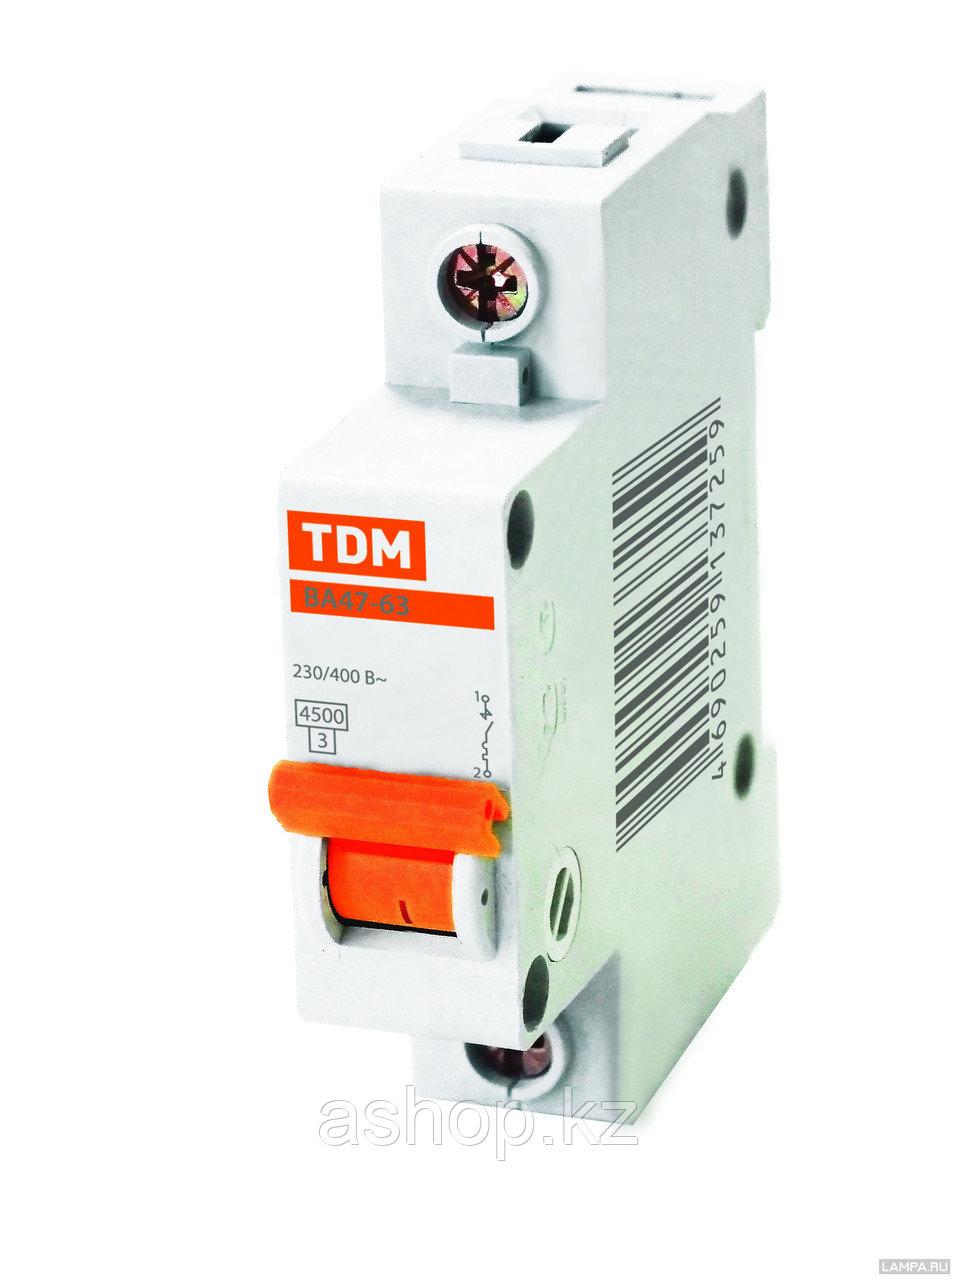 Автоматический выключатель реечный TDM ВА47-63 1P 16А, 230/400 В, Кол-во полюсов: 1, Предел отключения: 4,5 кА